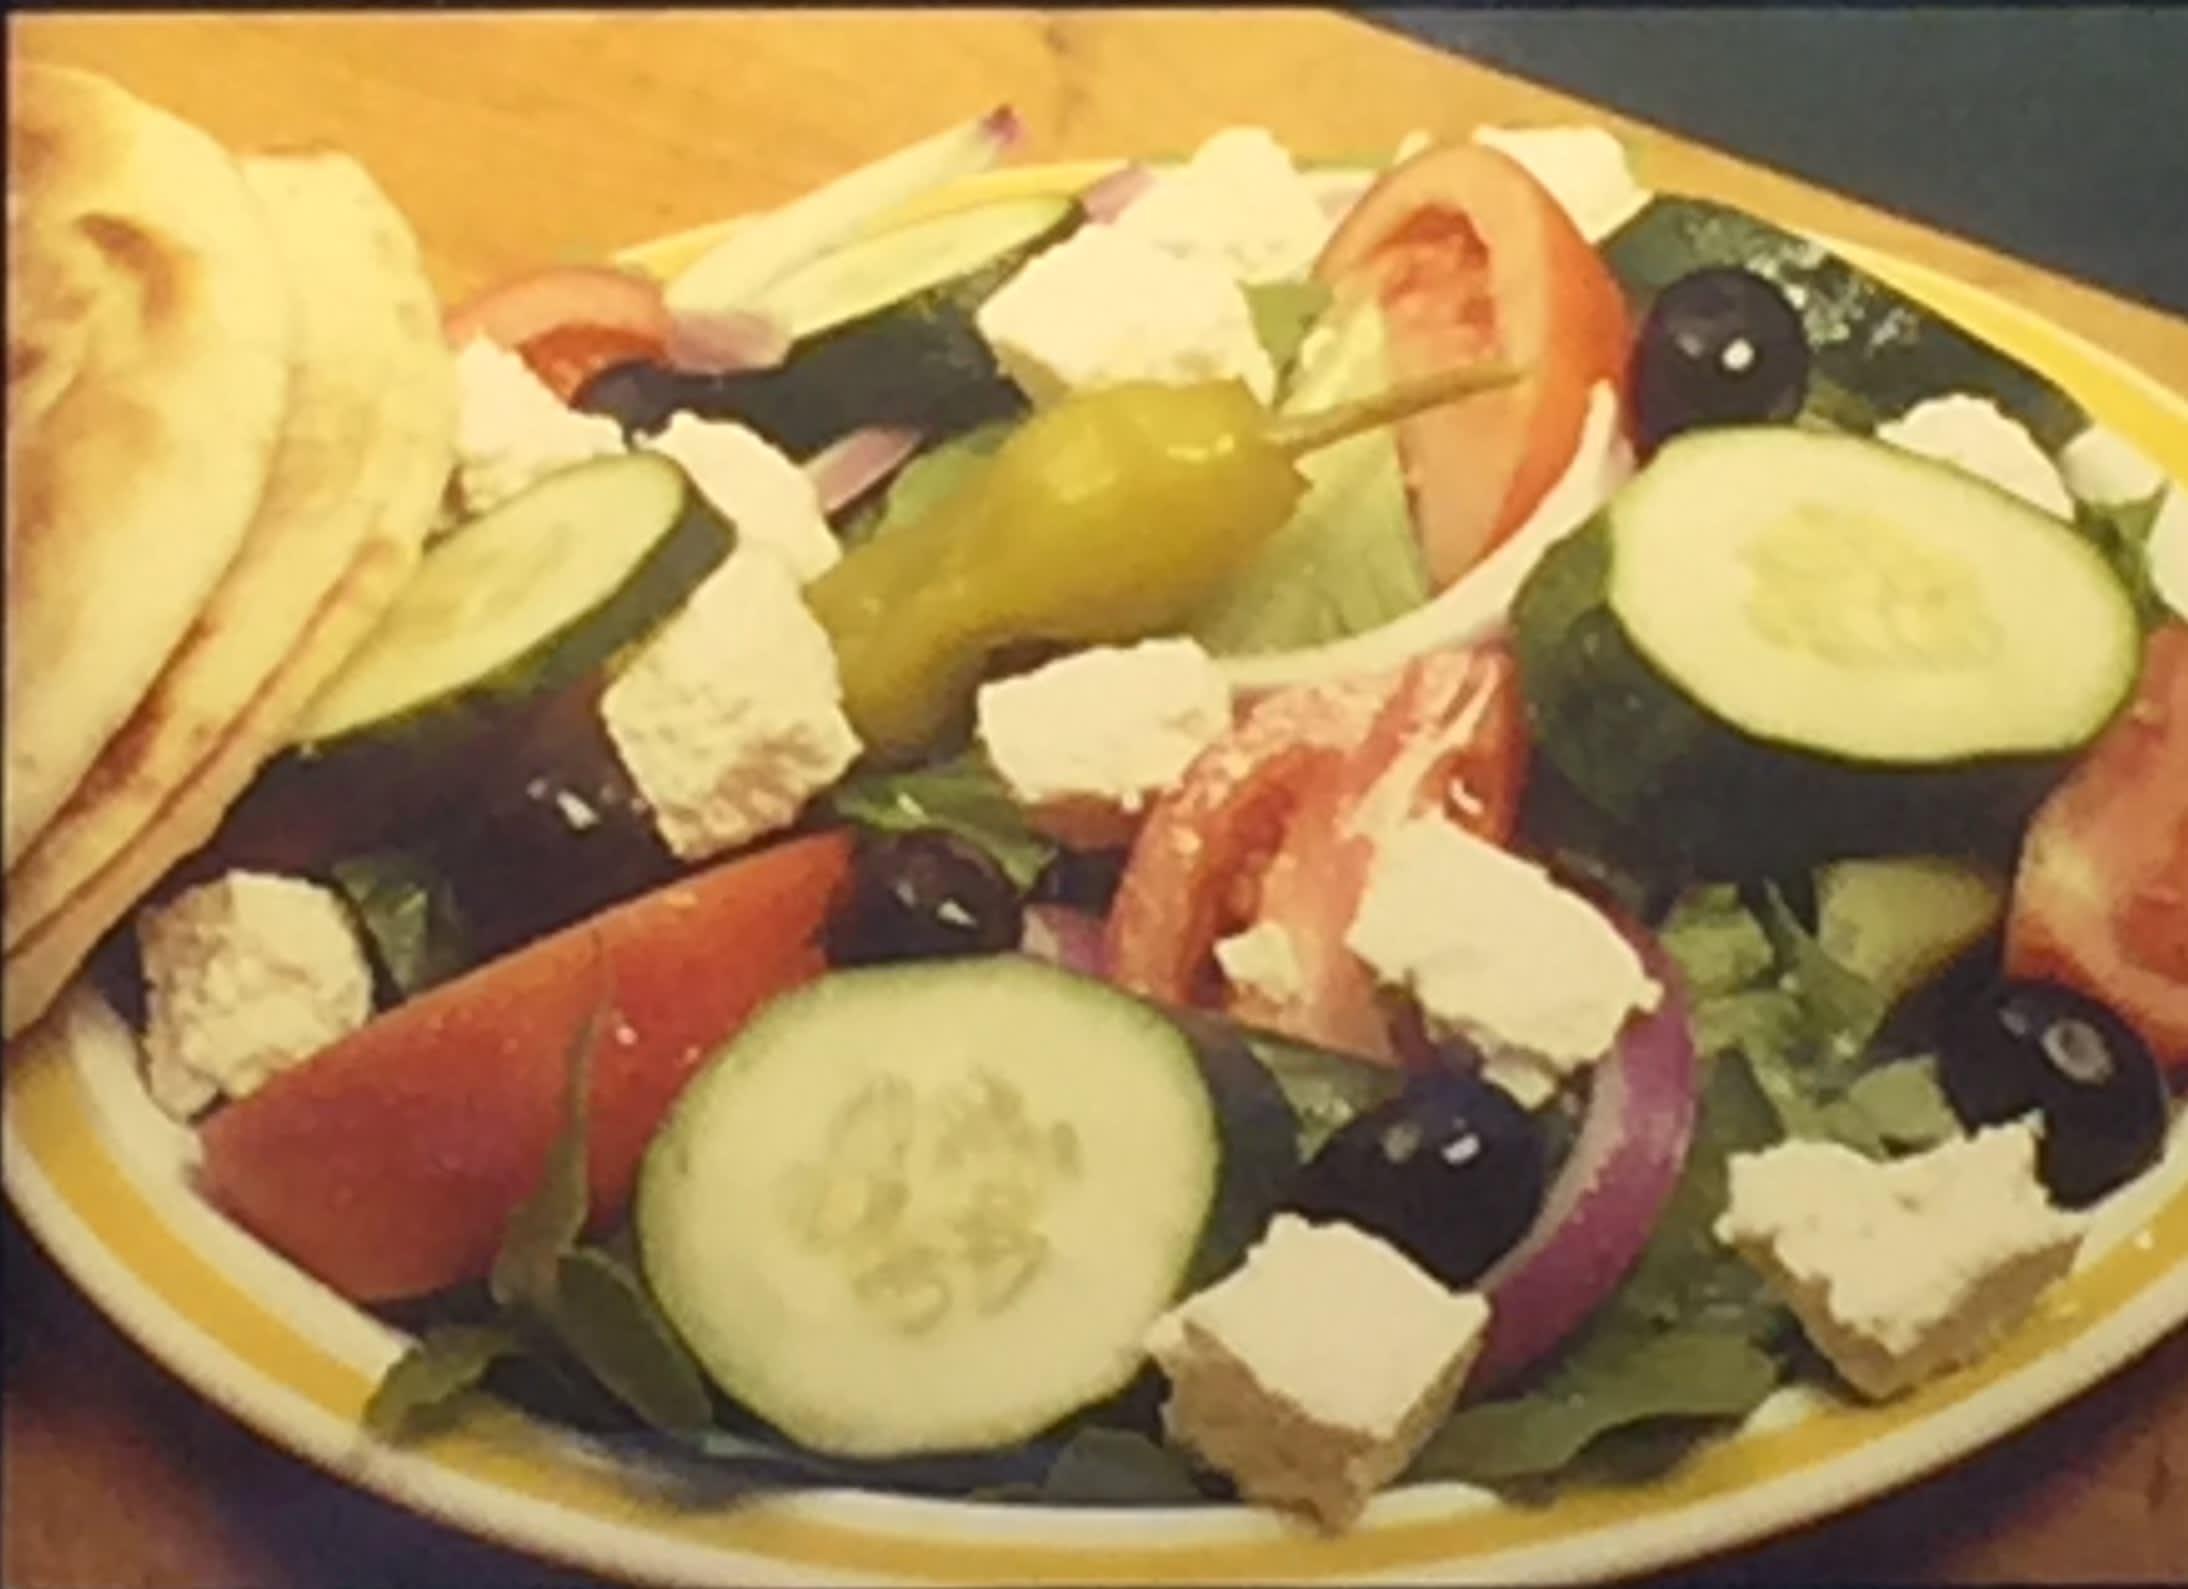 #23 Greek Pita salad